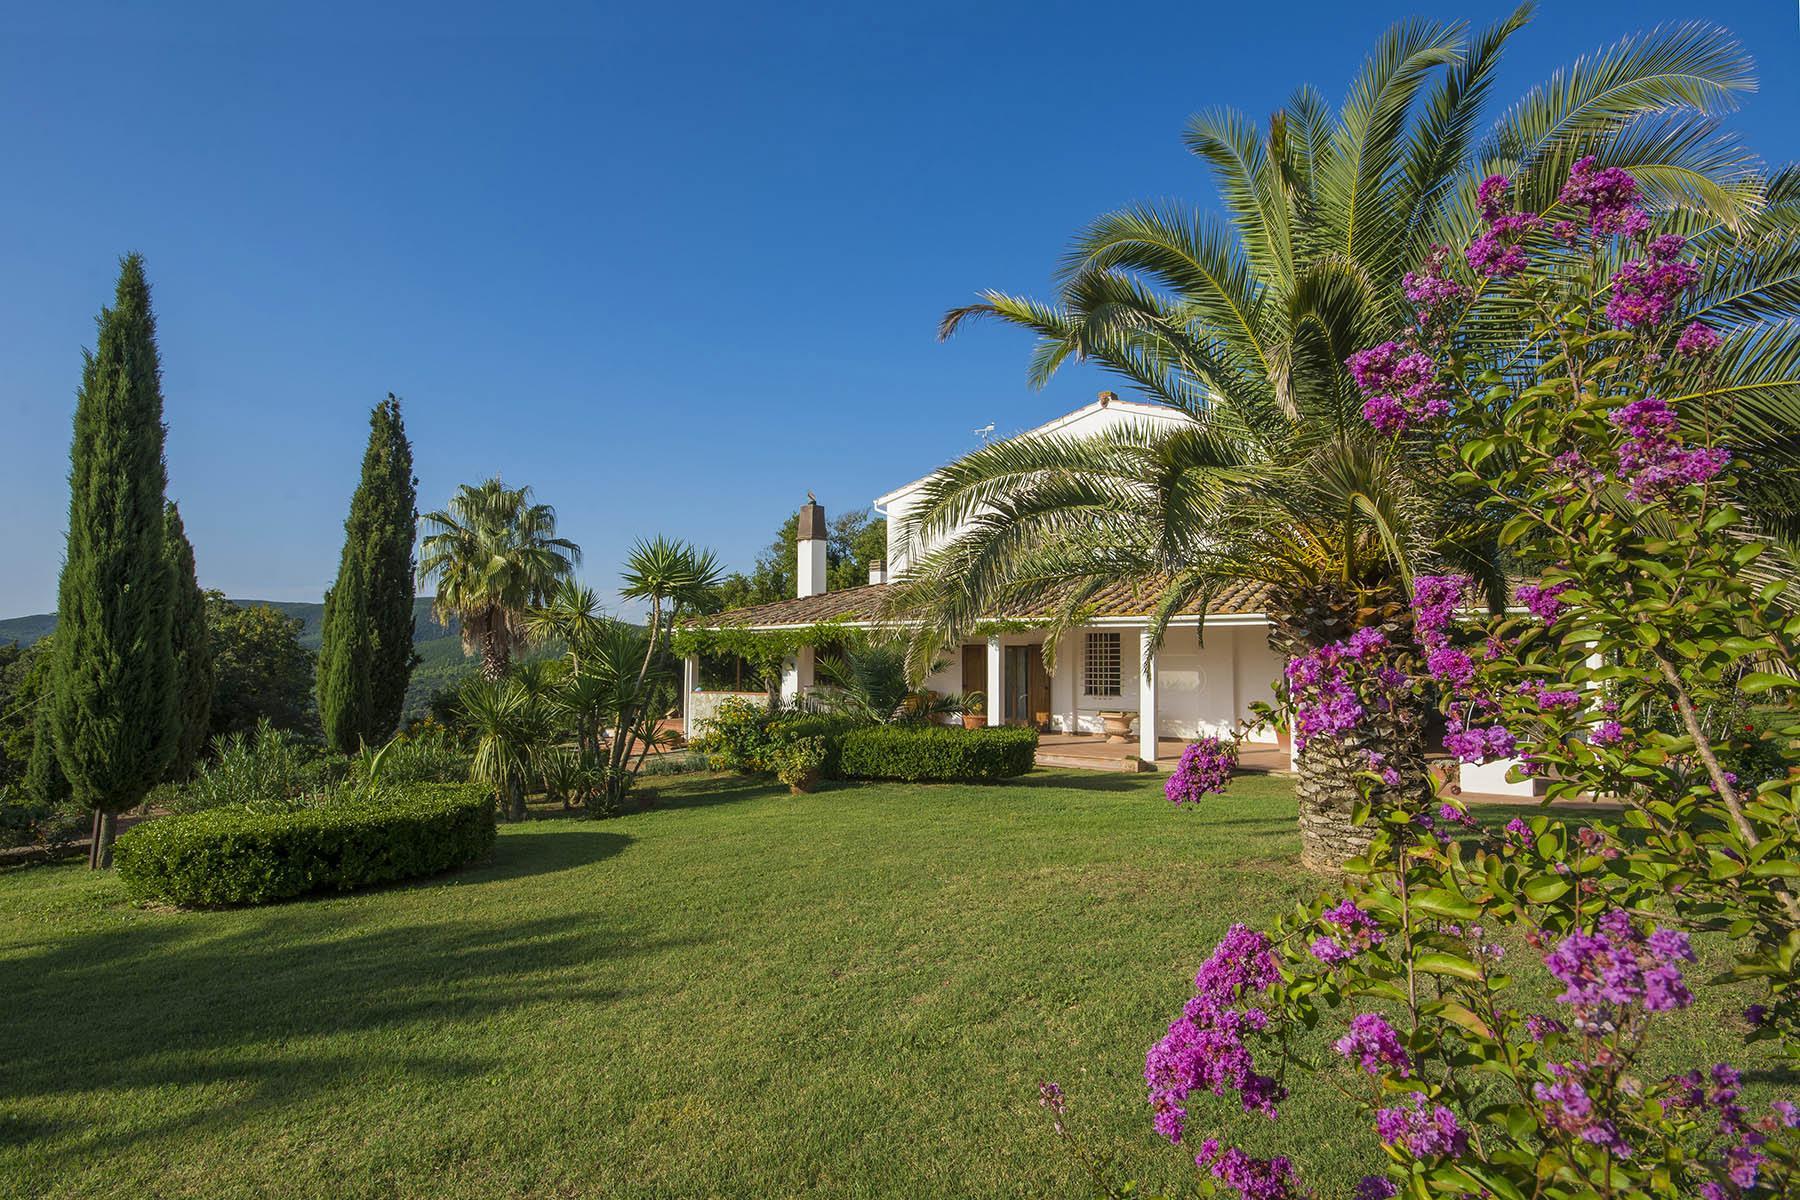 Villa in collina vista mare, nei pressi di Castiglioncello - 1